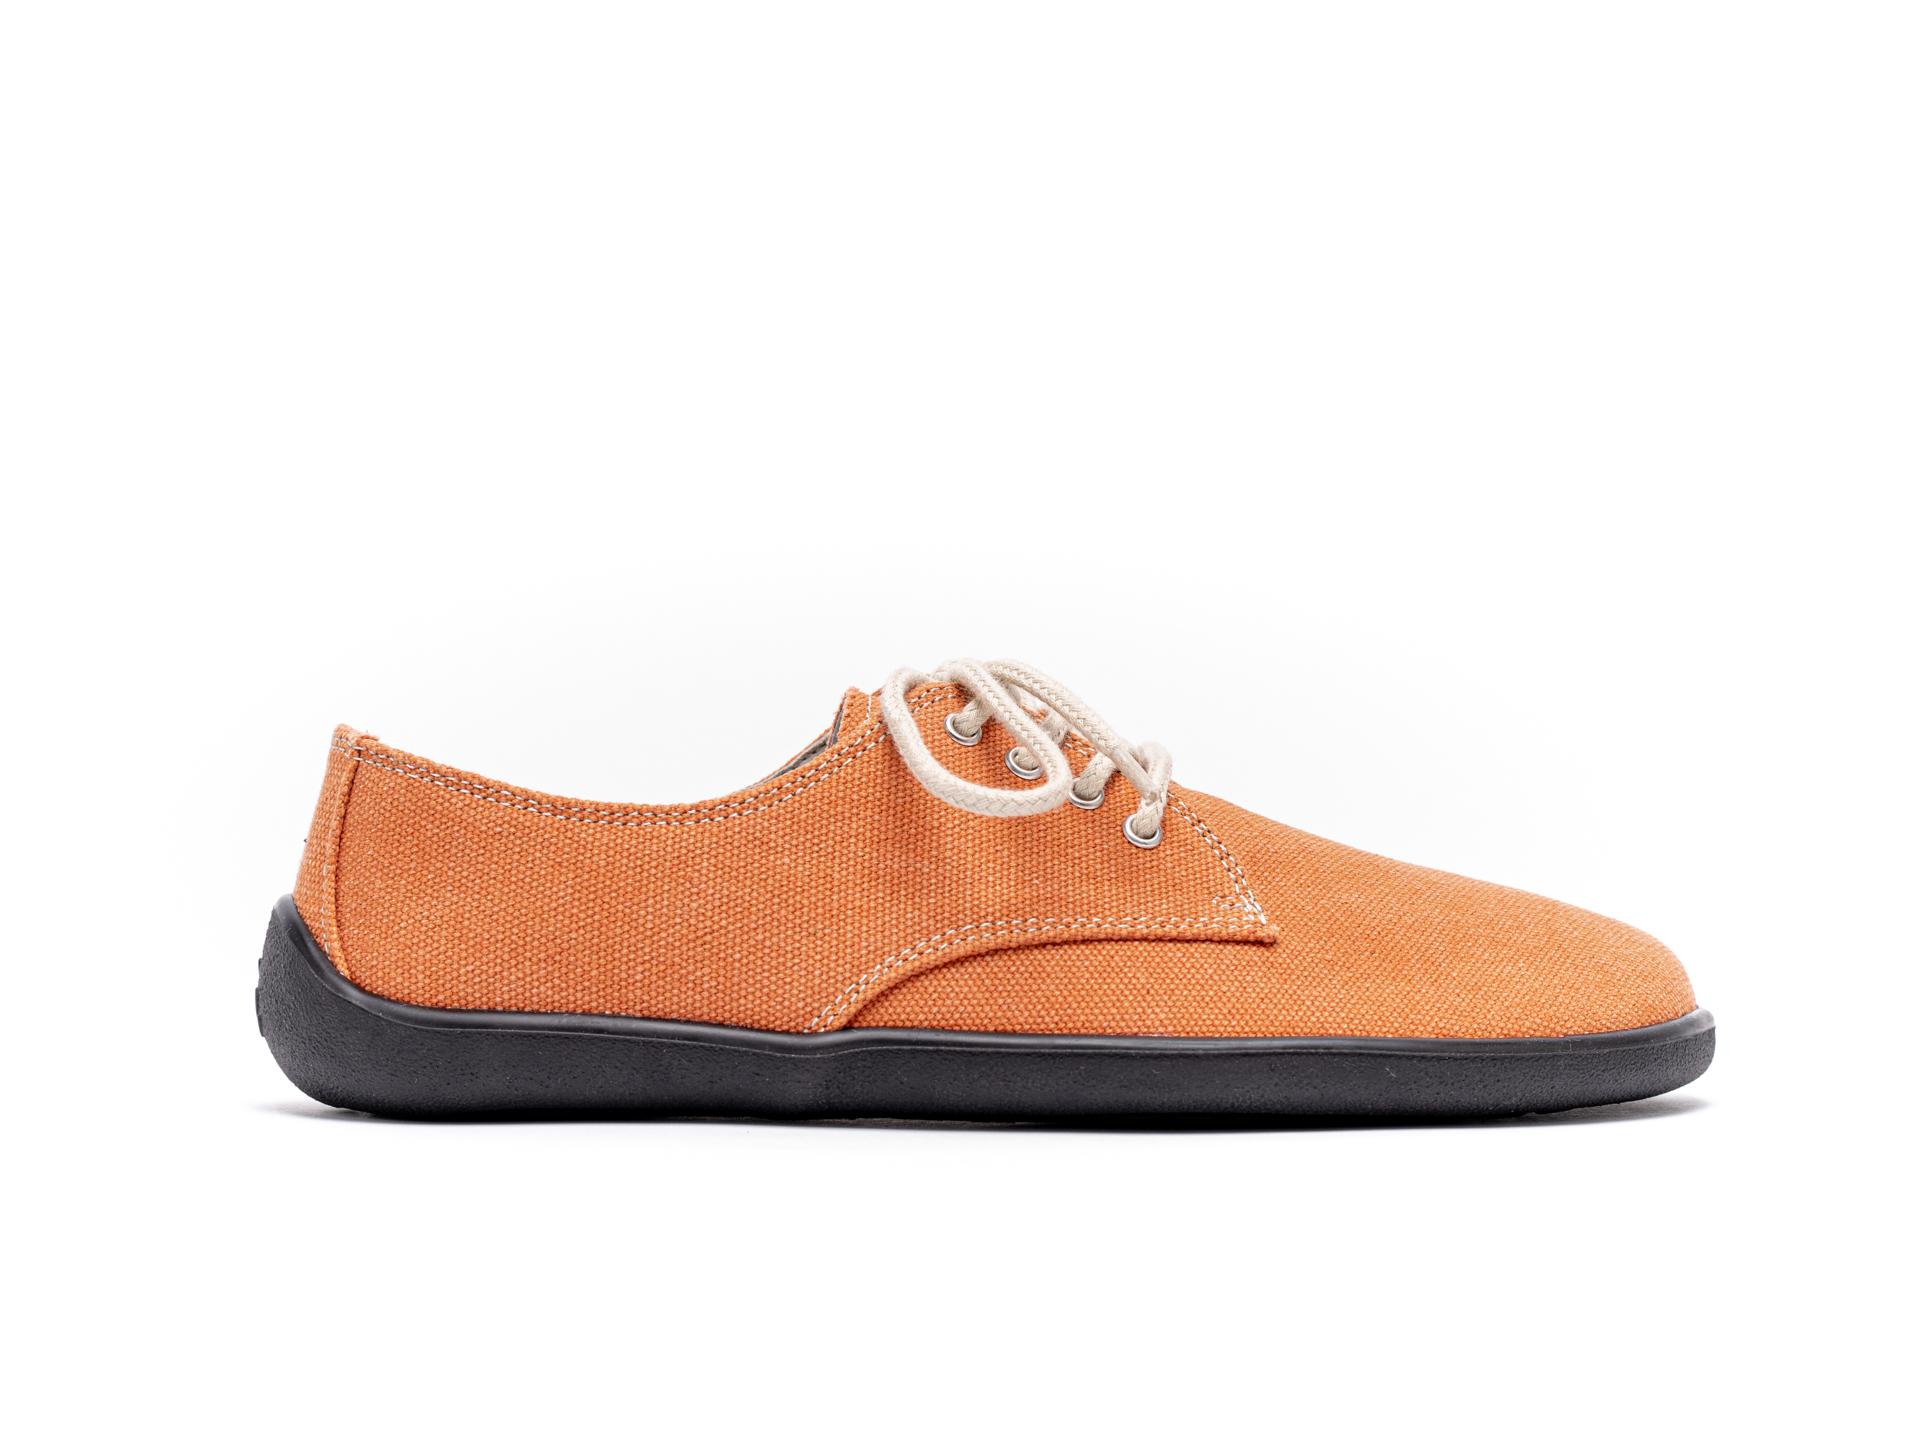 Barefoot Be Lenka City - Vegan - Tangerine 36